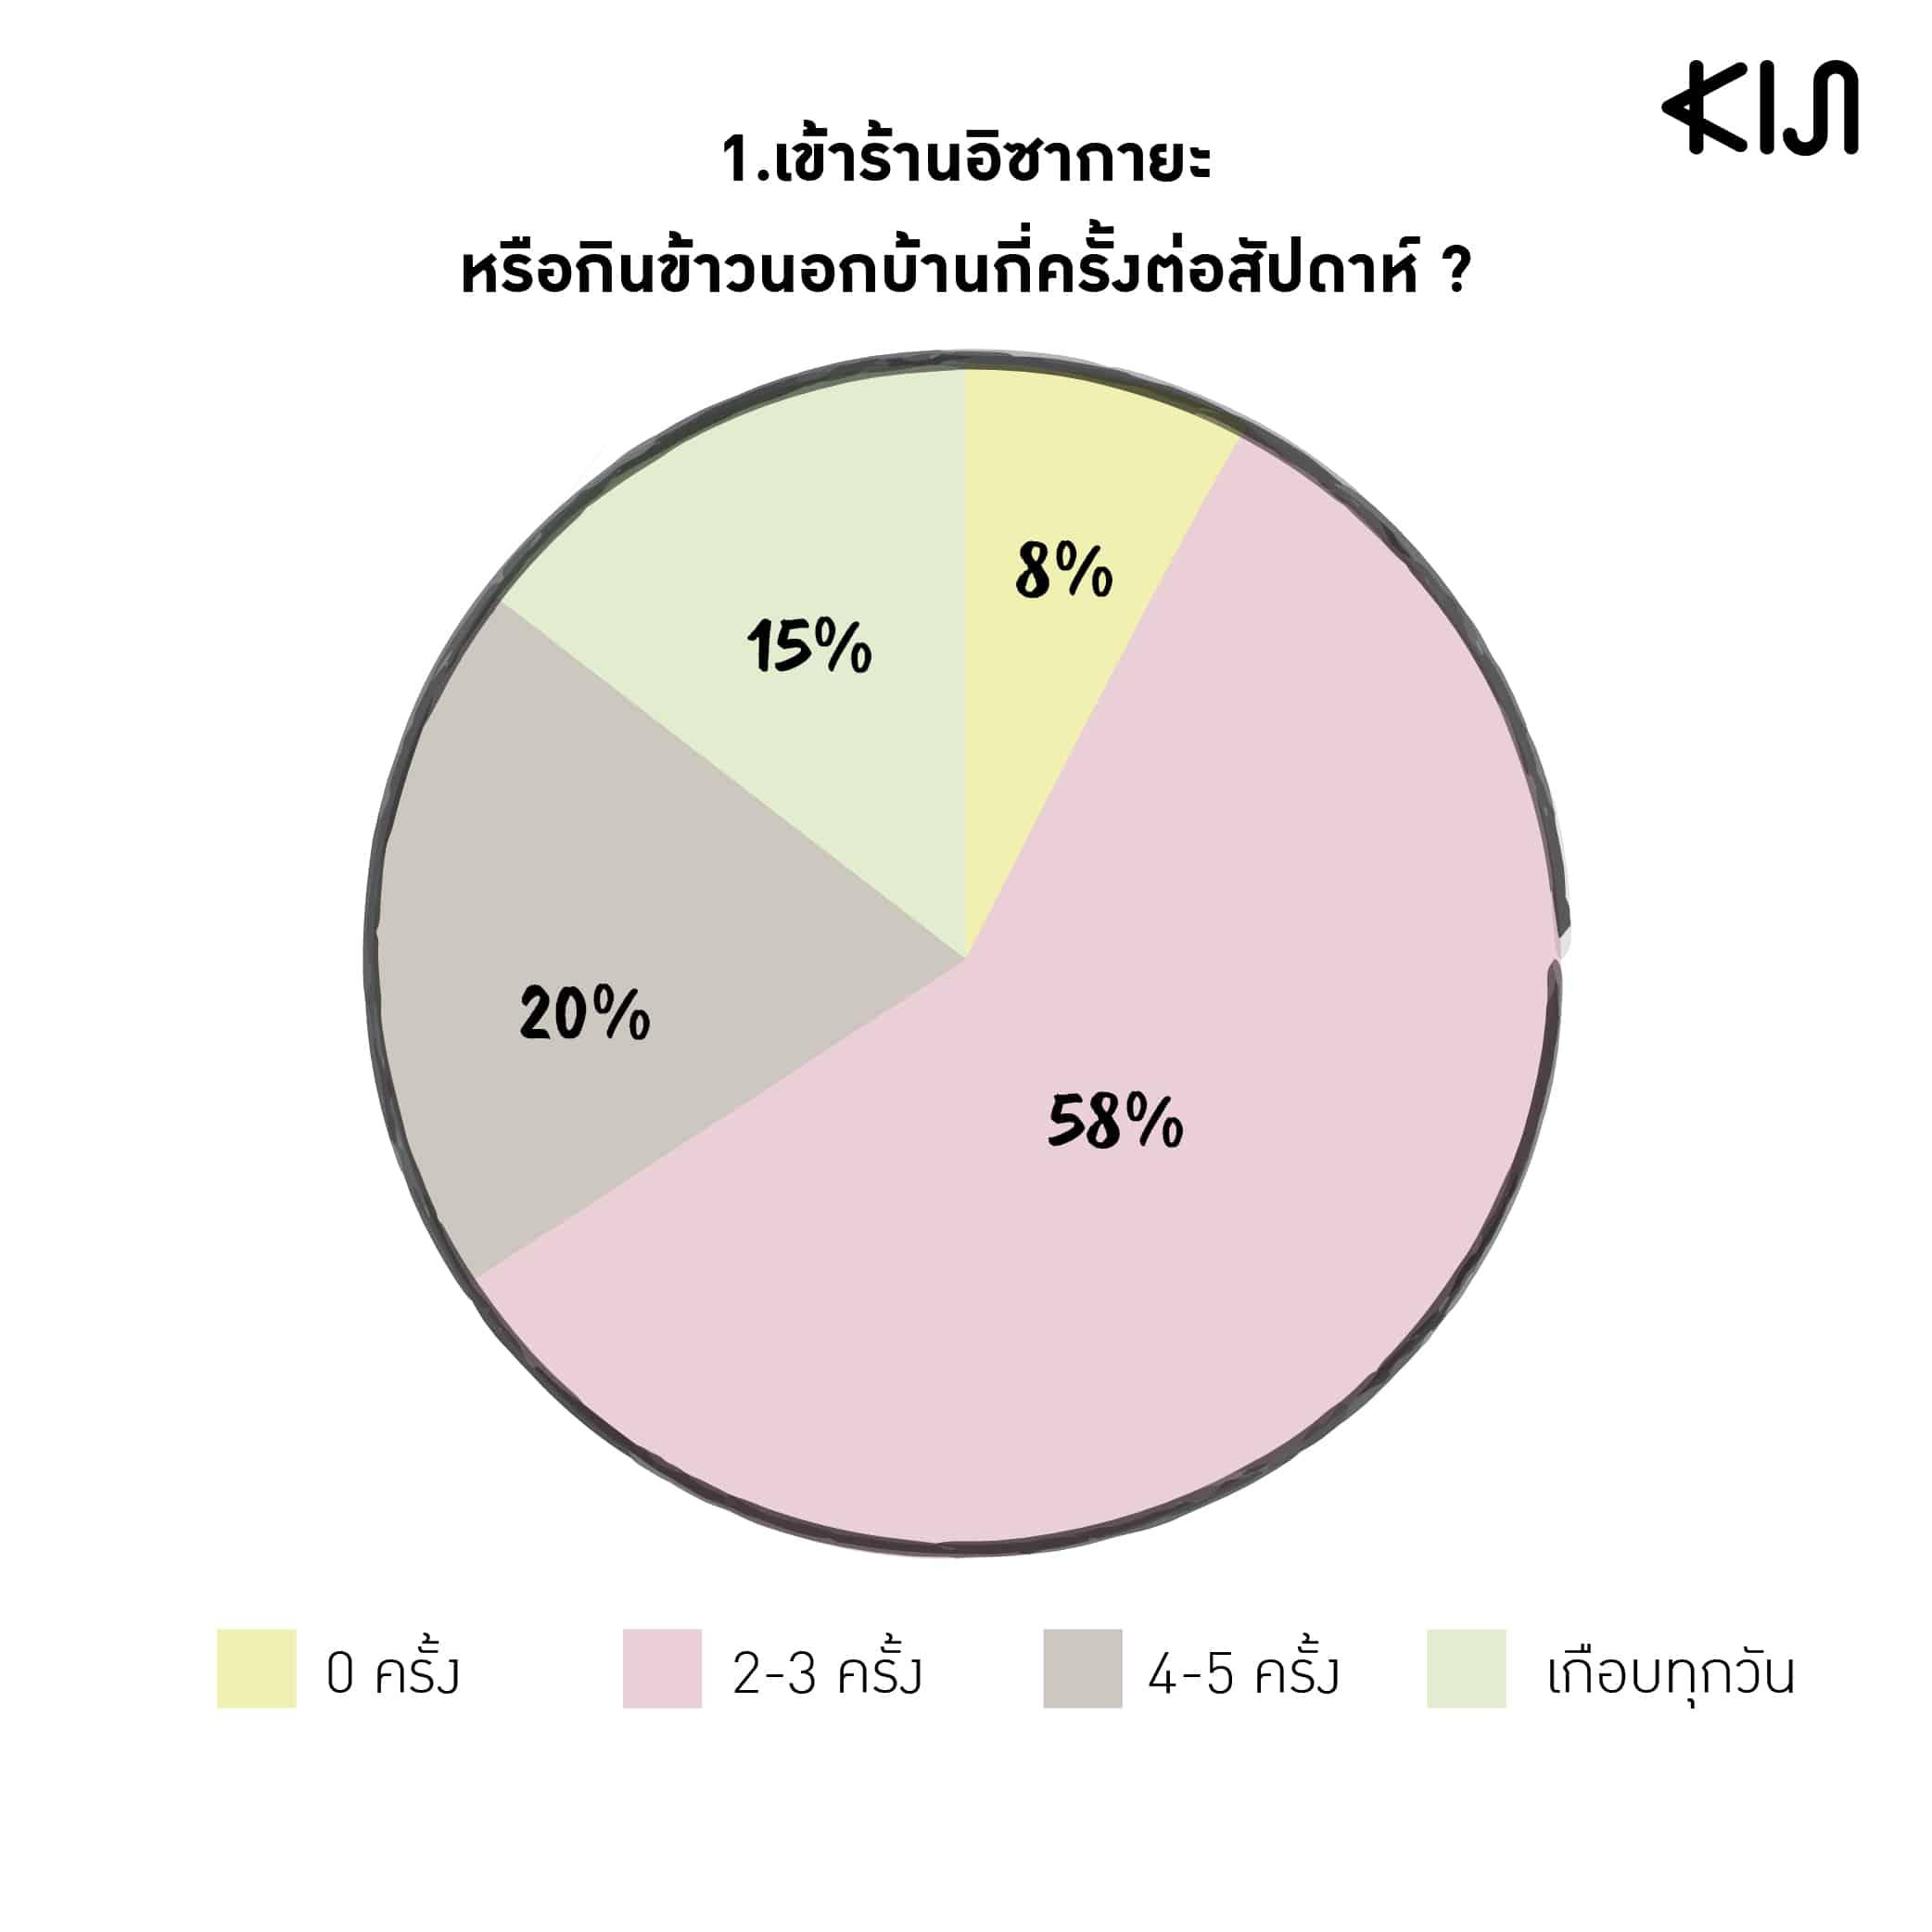 สถิติของพนักงานออฟฟิศคนญี่ปุ่นที่มาทำงานในเมืองไทย : การเข้าร้านอิซากายะหรือกินข้าวนอกบ้านกี่ครั้งต่อสัปดาห์